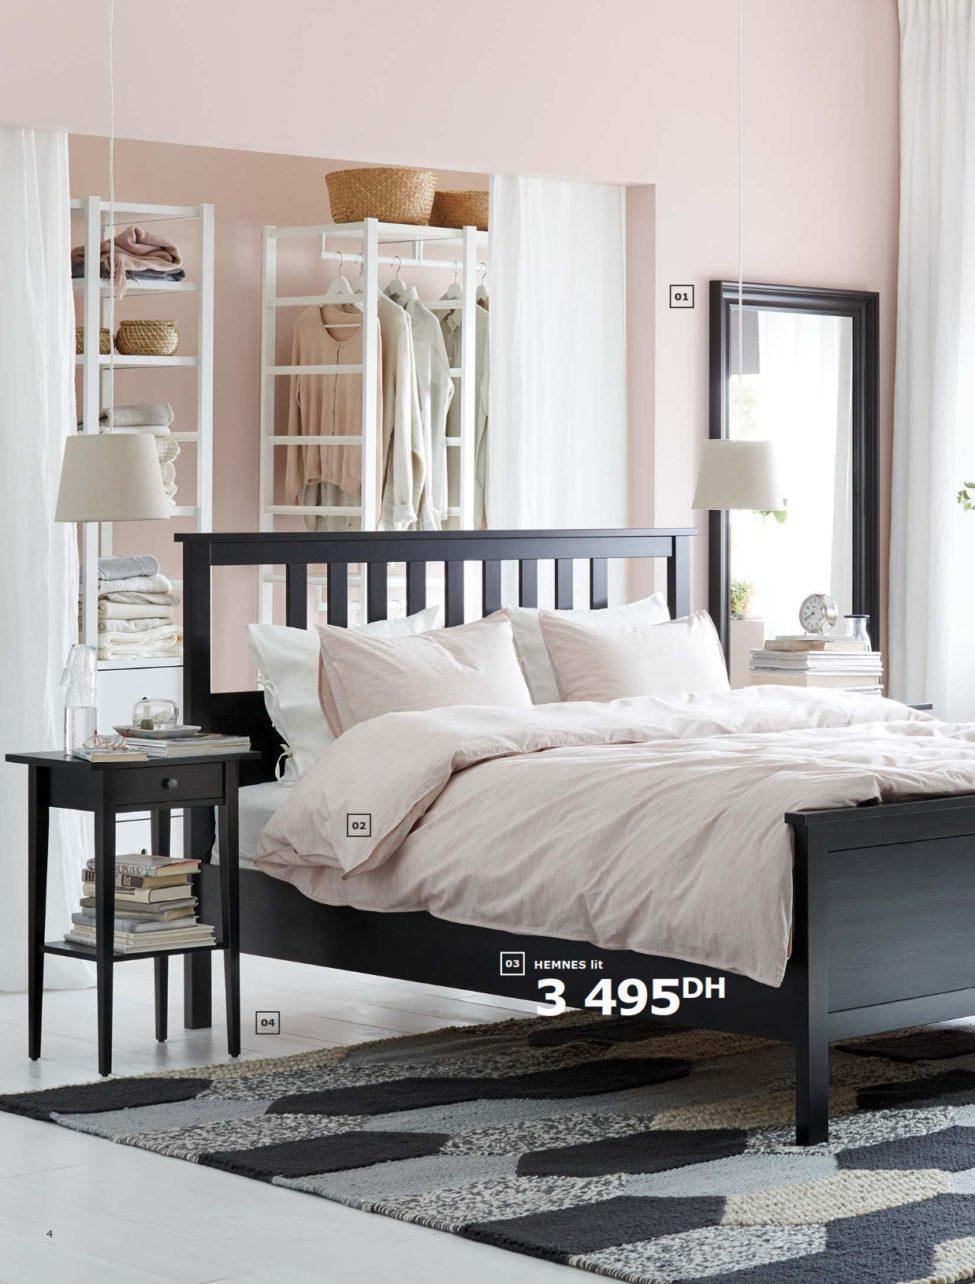 Genial Catalogue Ikea Maroc Spéciale Chambres à Coucher 2019